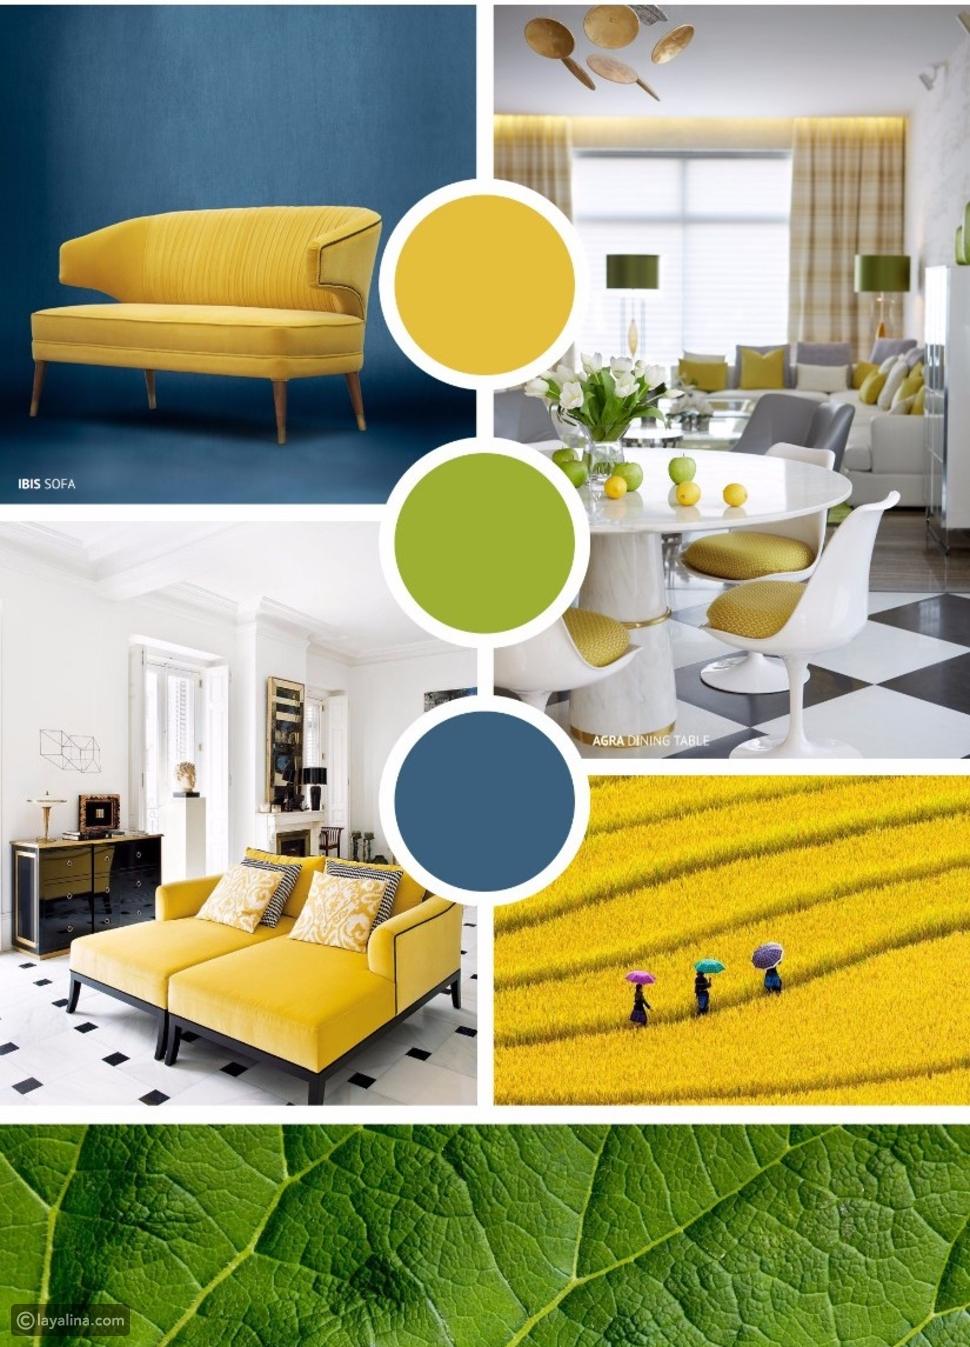 الأصفر والأزرق الفاتح